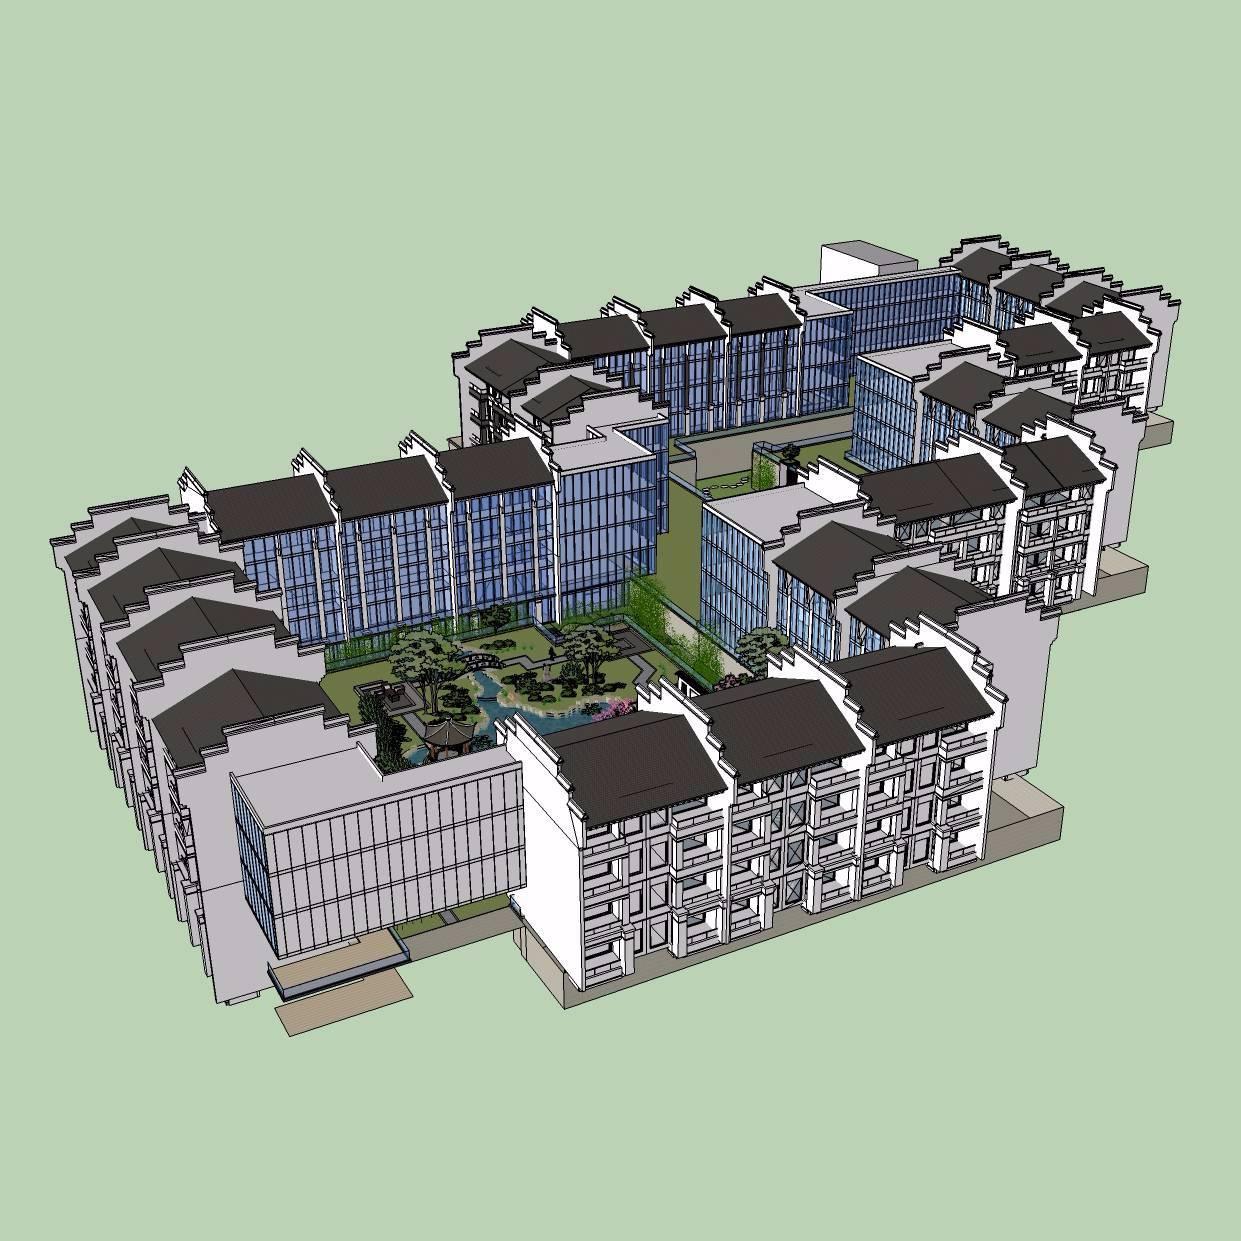 中式风格庭院SU模型设计